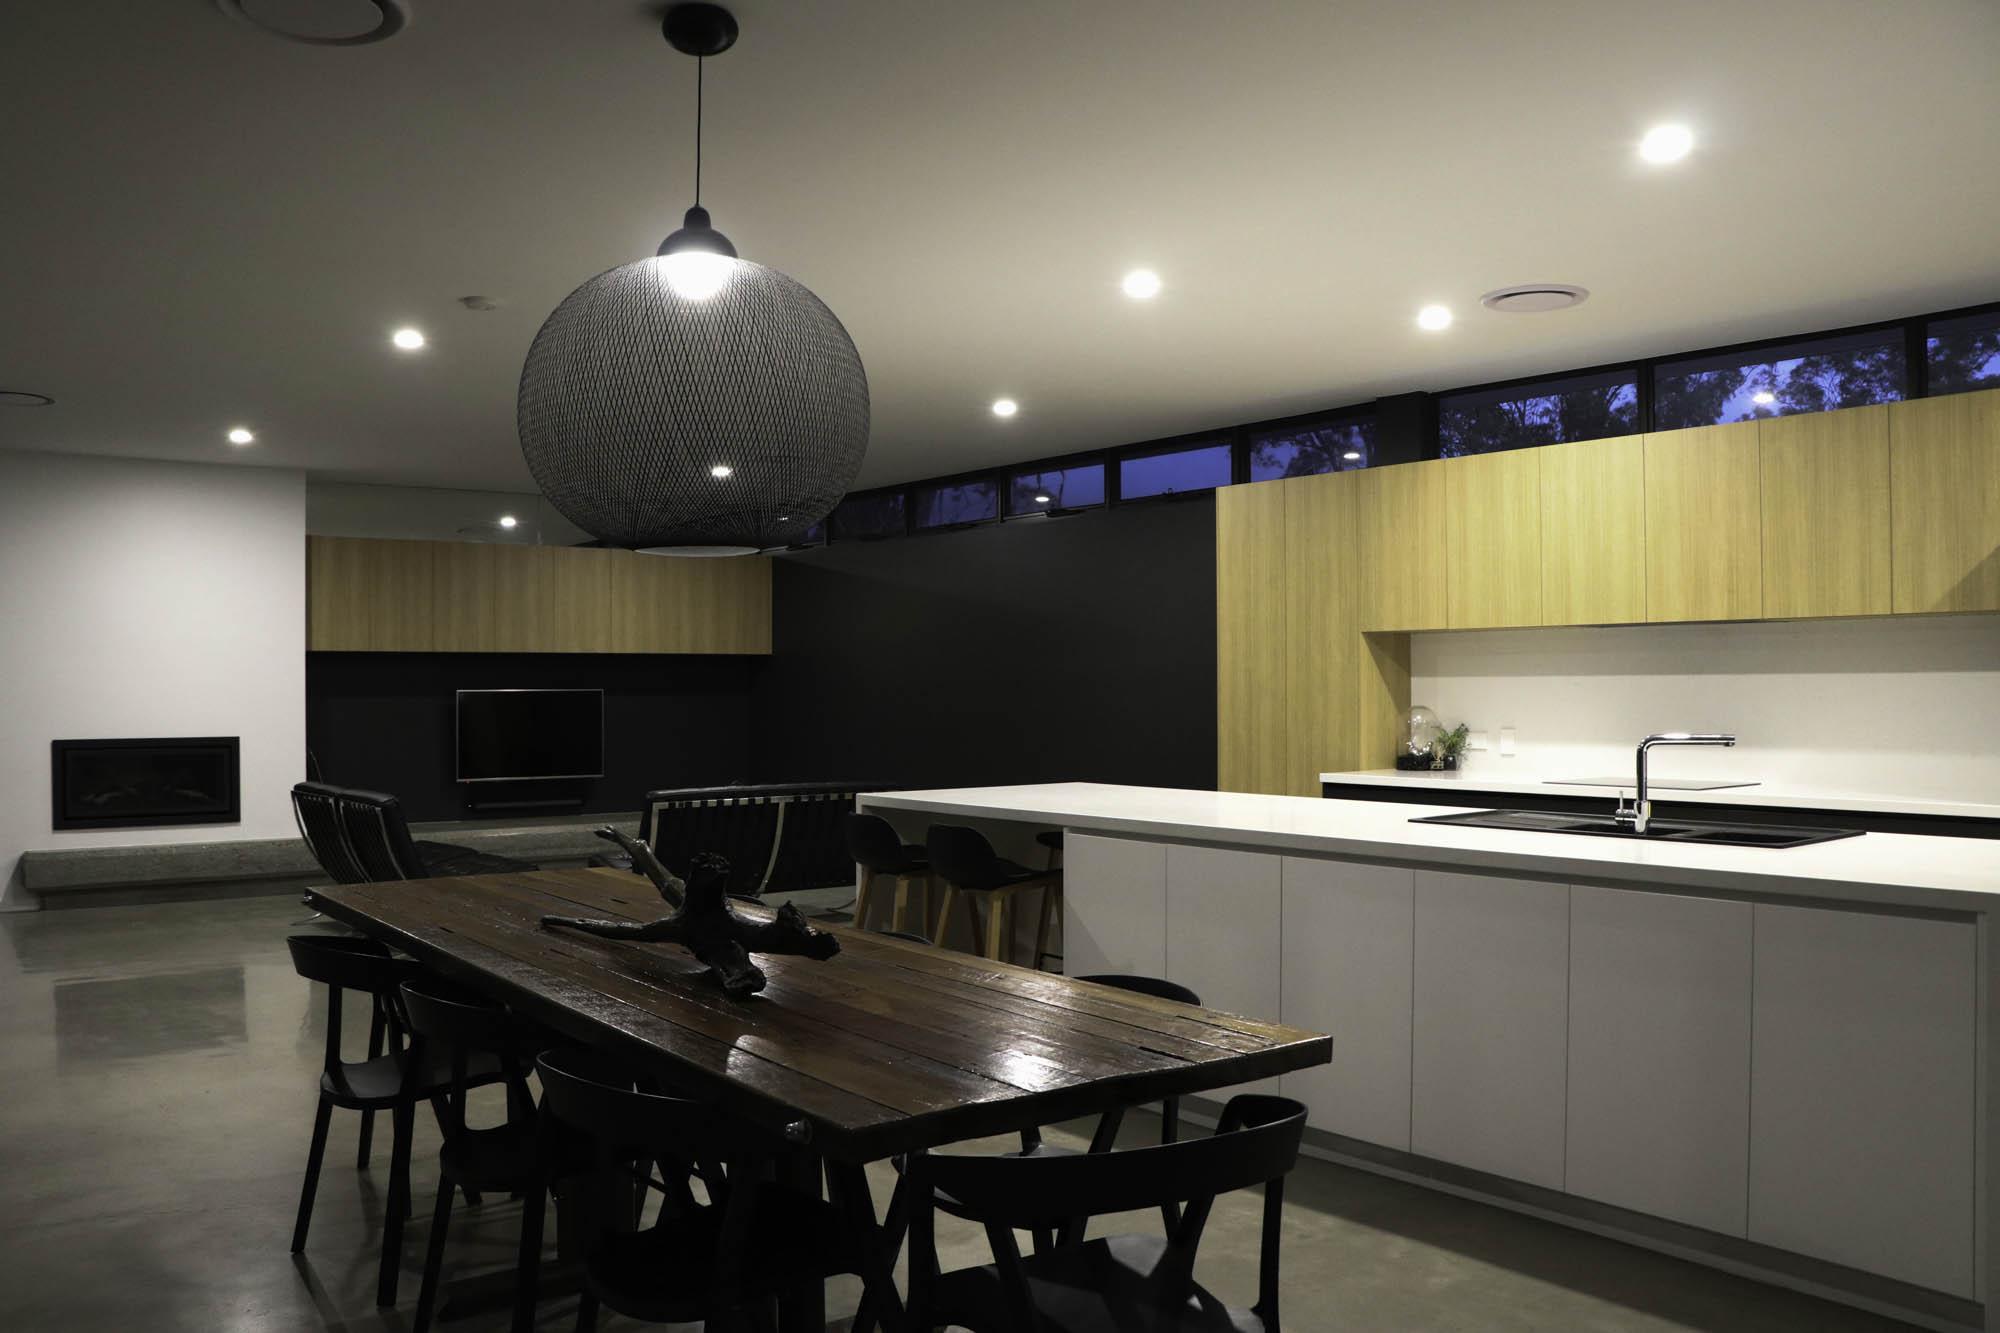 westerhuis kitchen